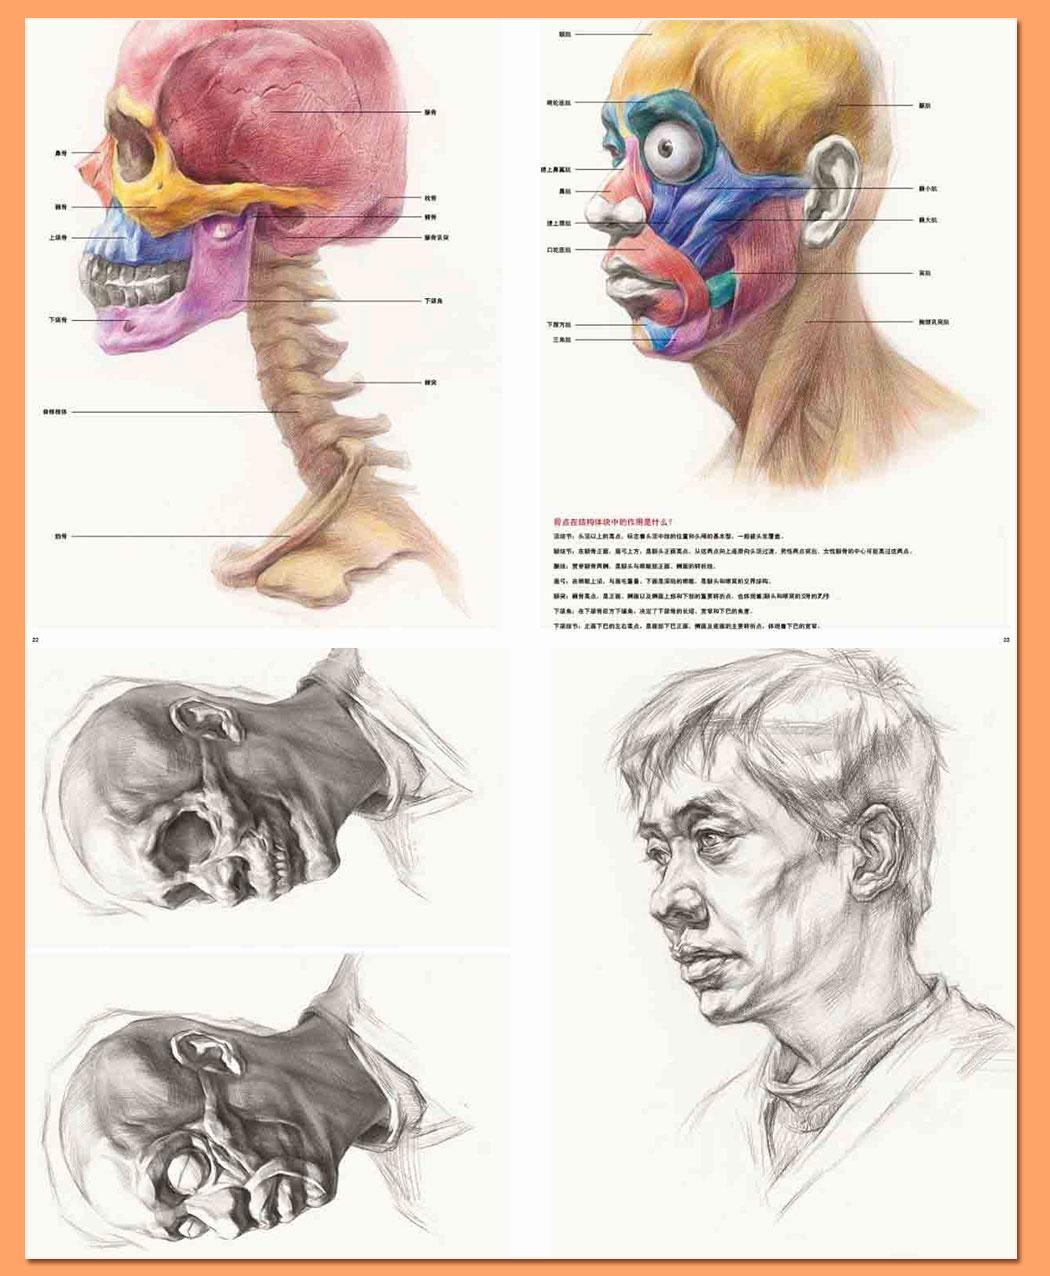 解剖素描头像_11.jpg